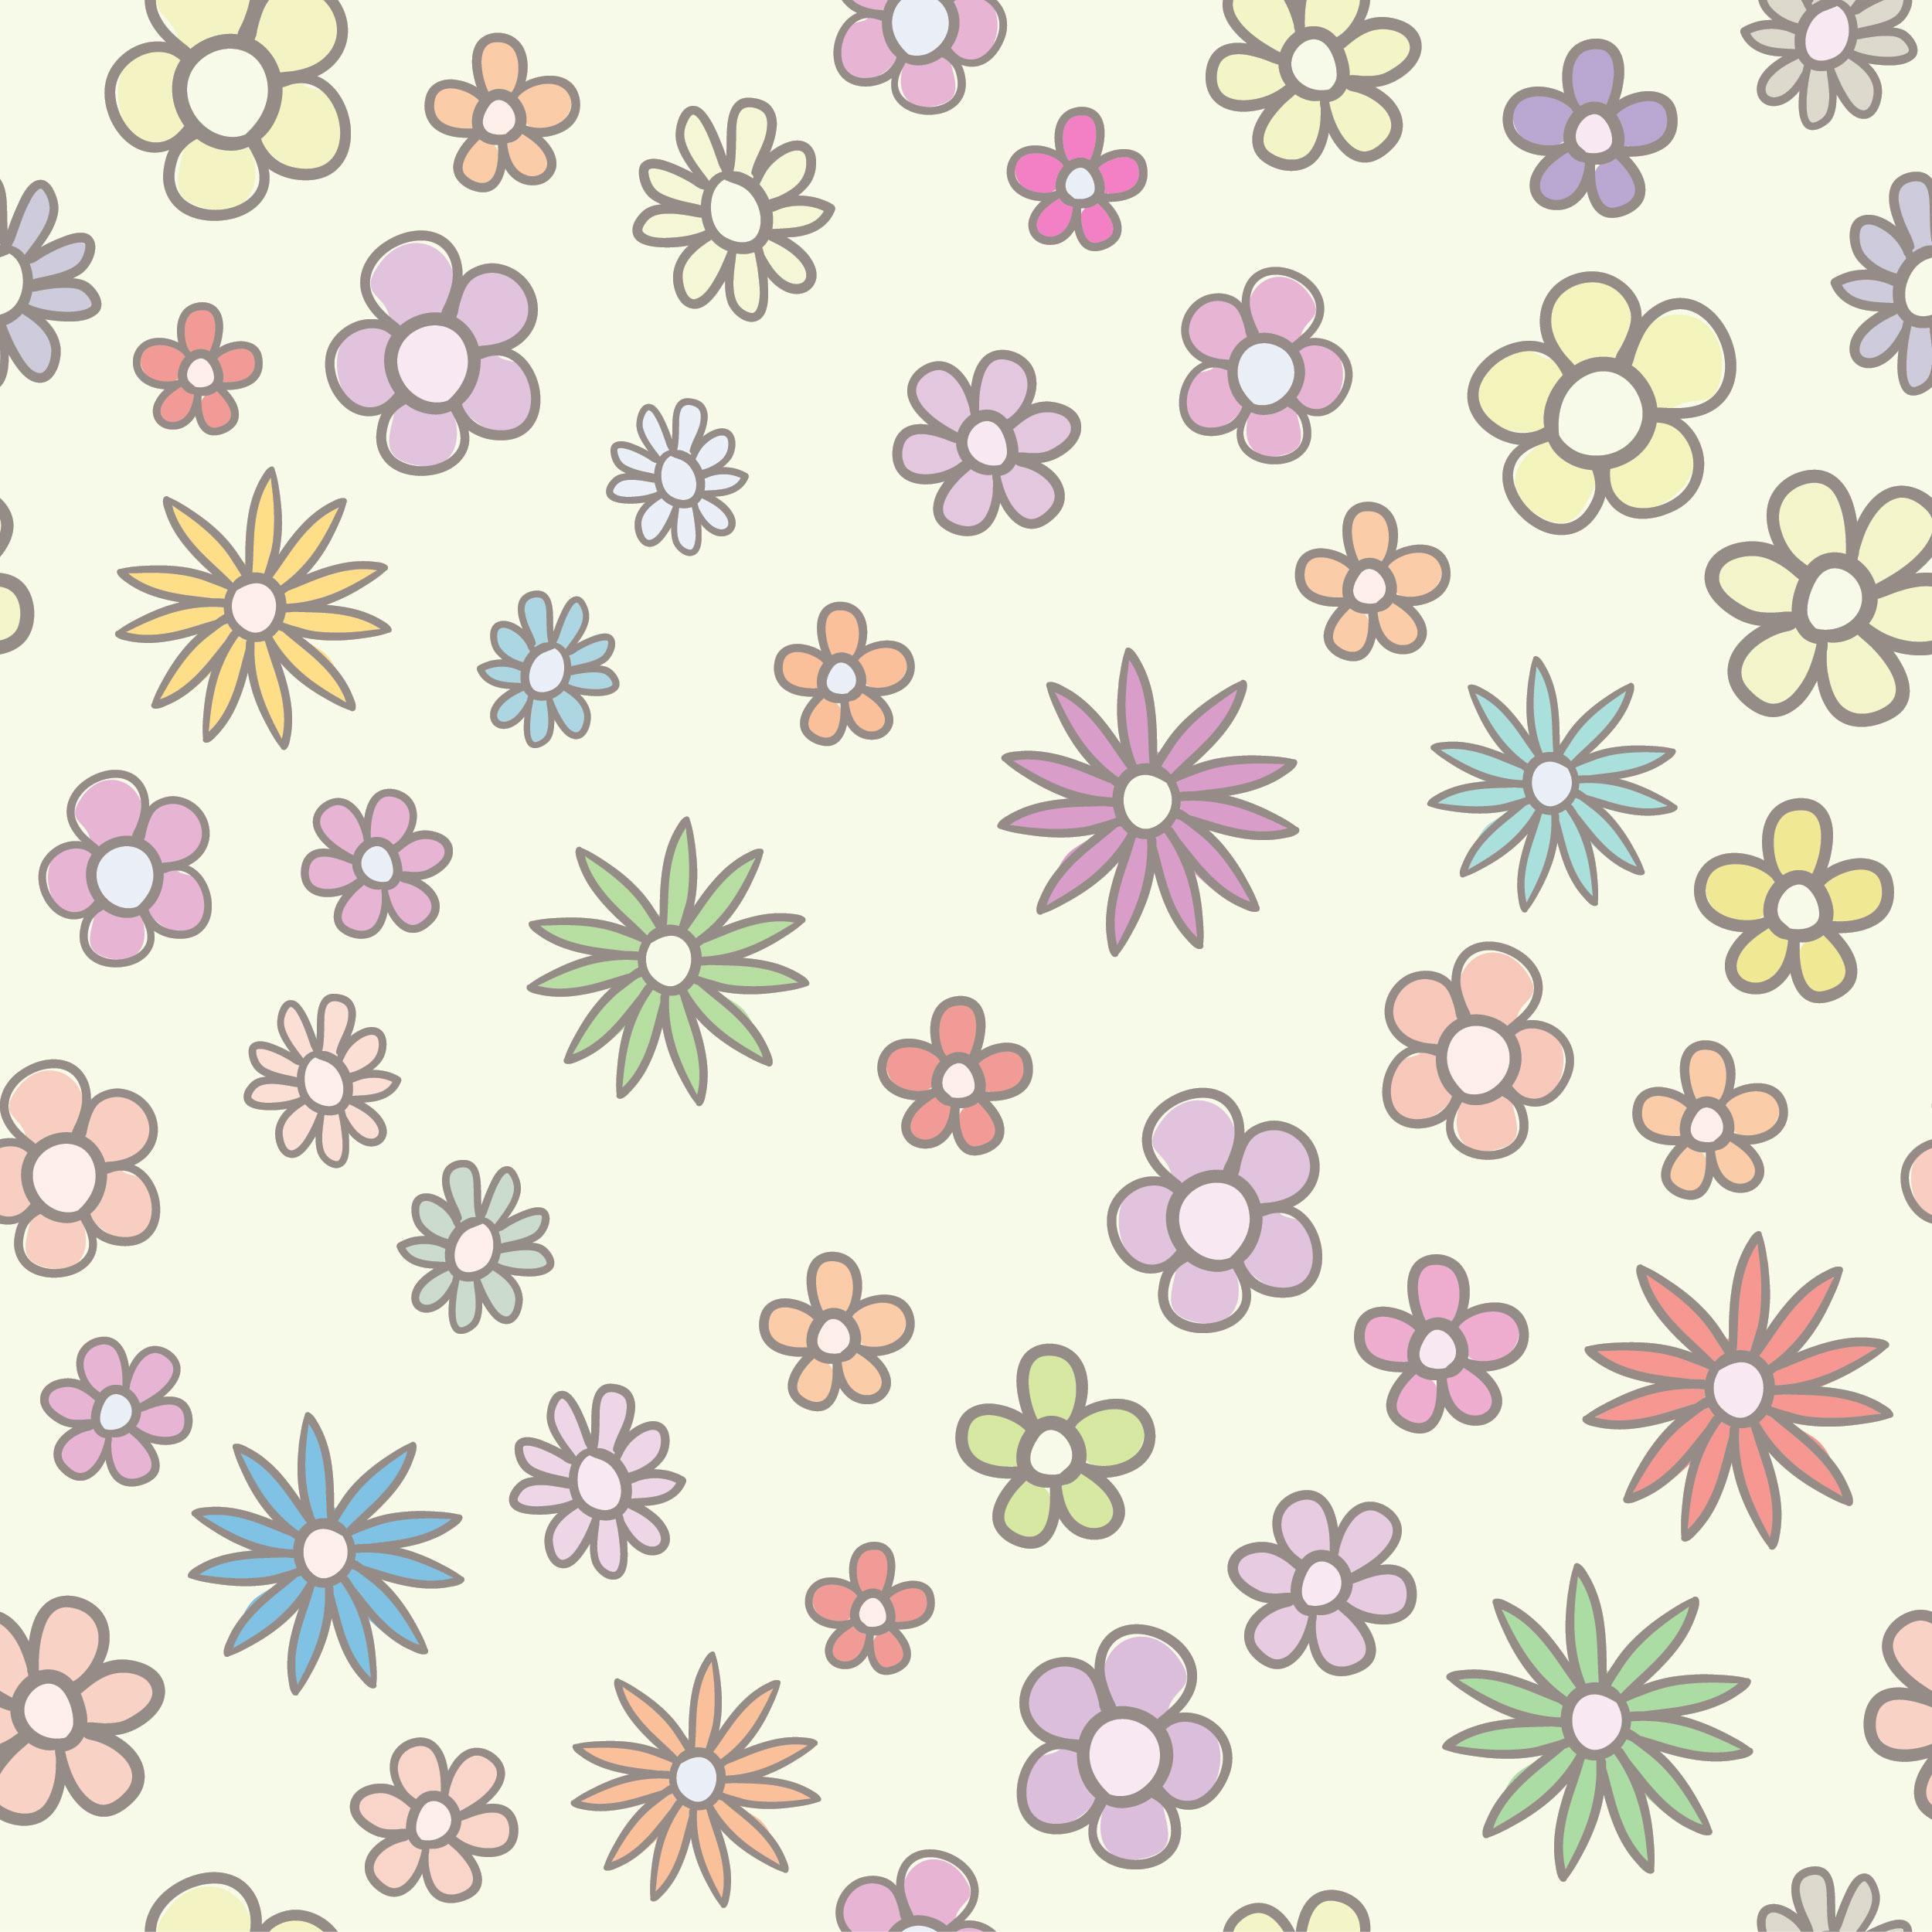 壁紙背景イラスト花の模様柄パターン No072かわいい花薄め